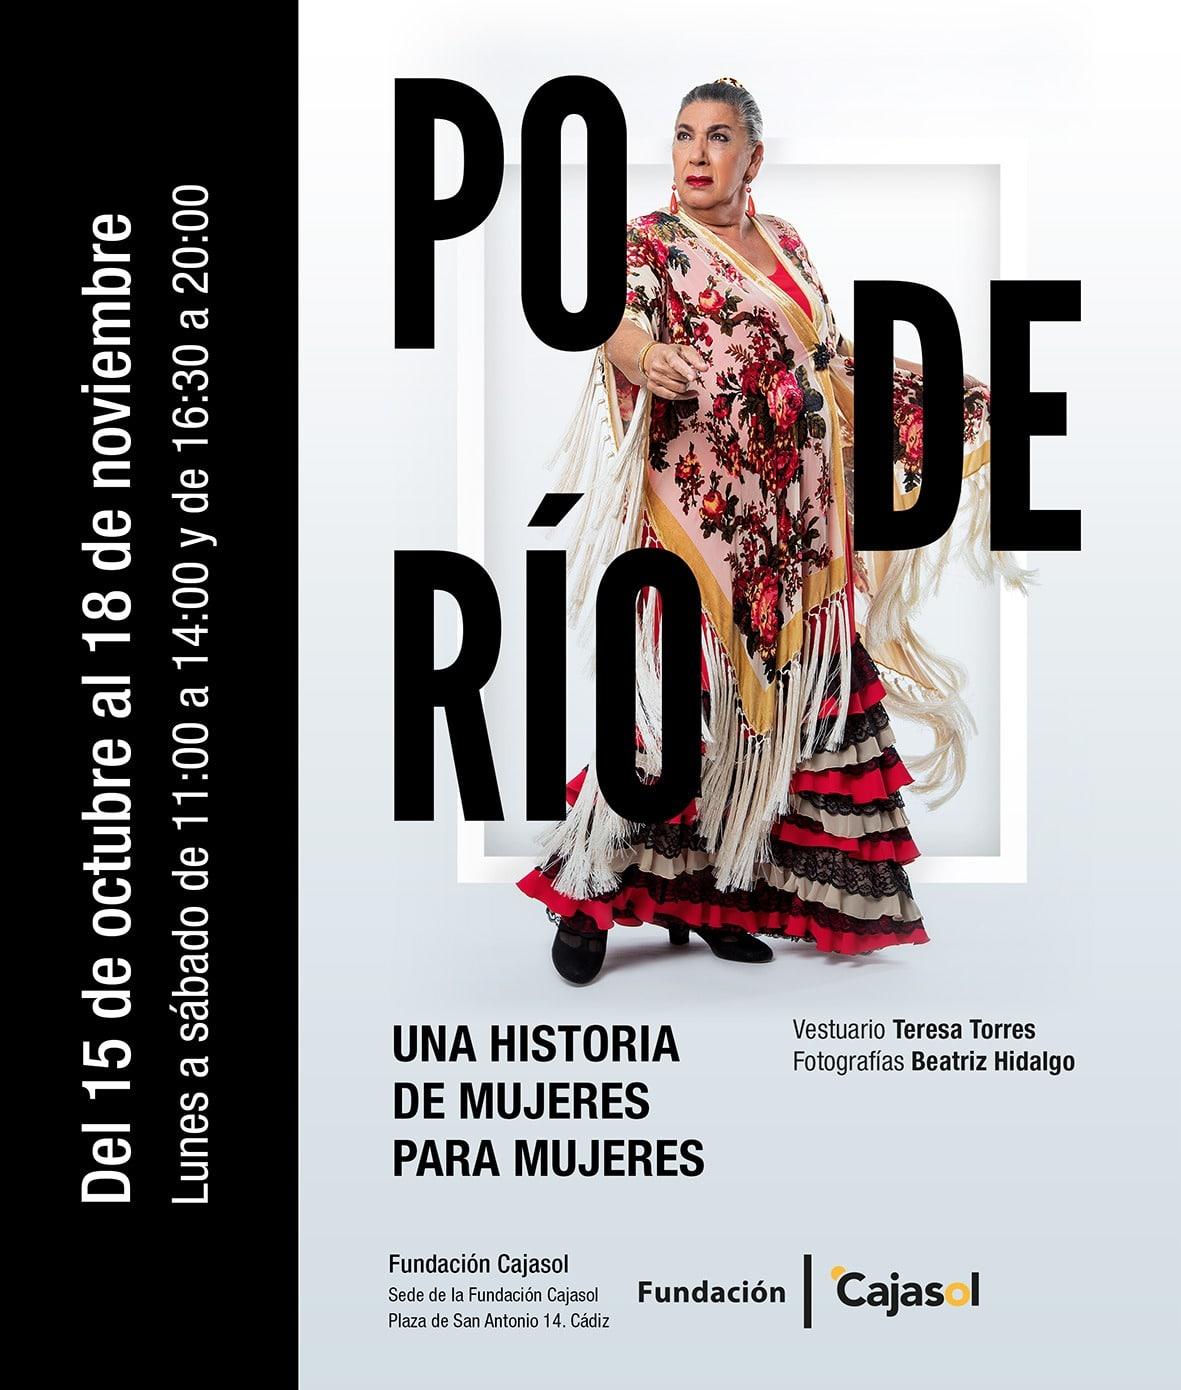 Cartel de la exposición 'Poderío' en la sede de la Fundación Cajasol en Cádiz